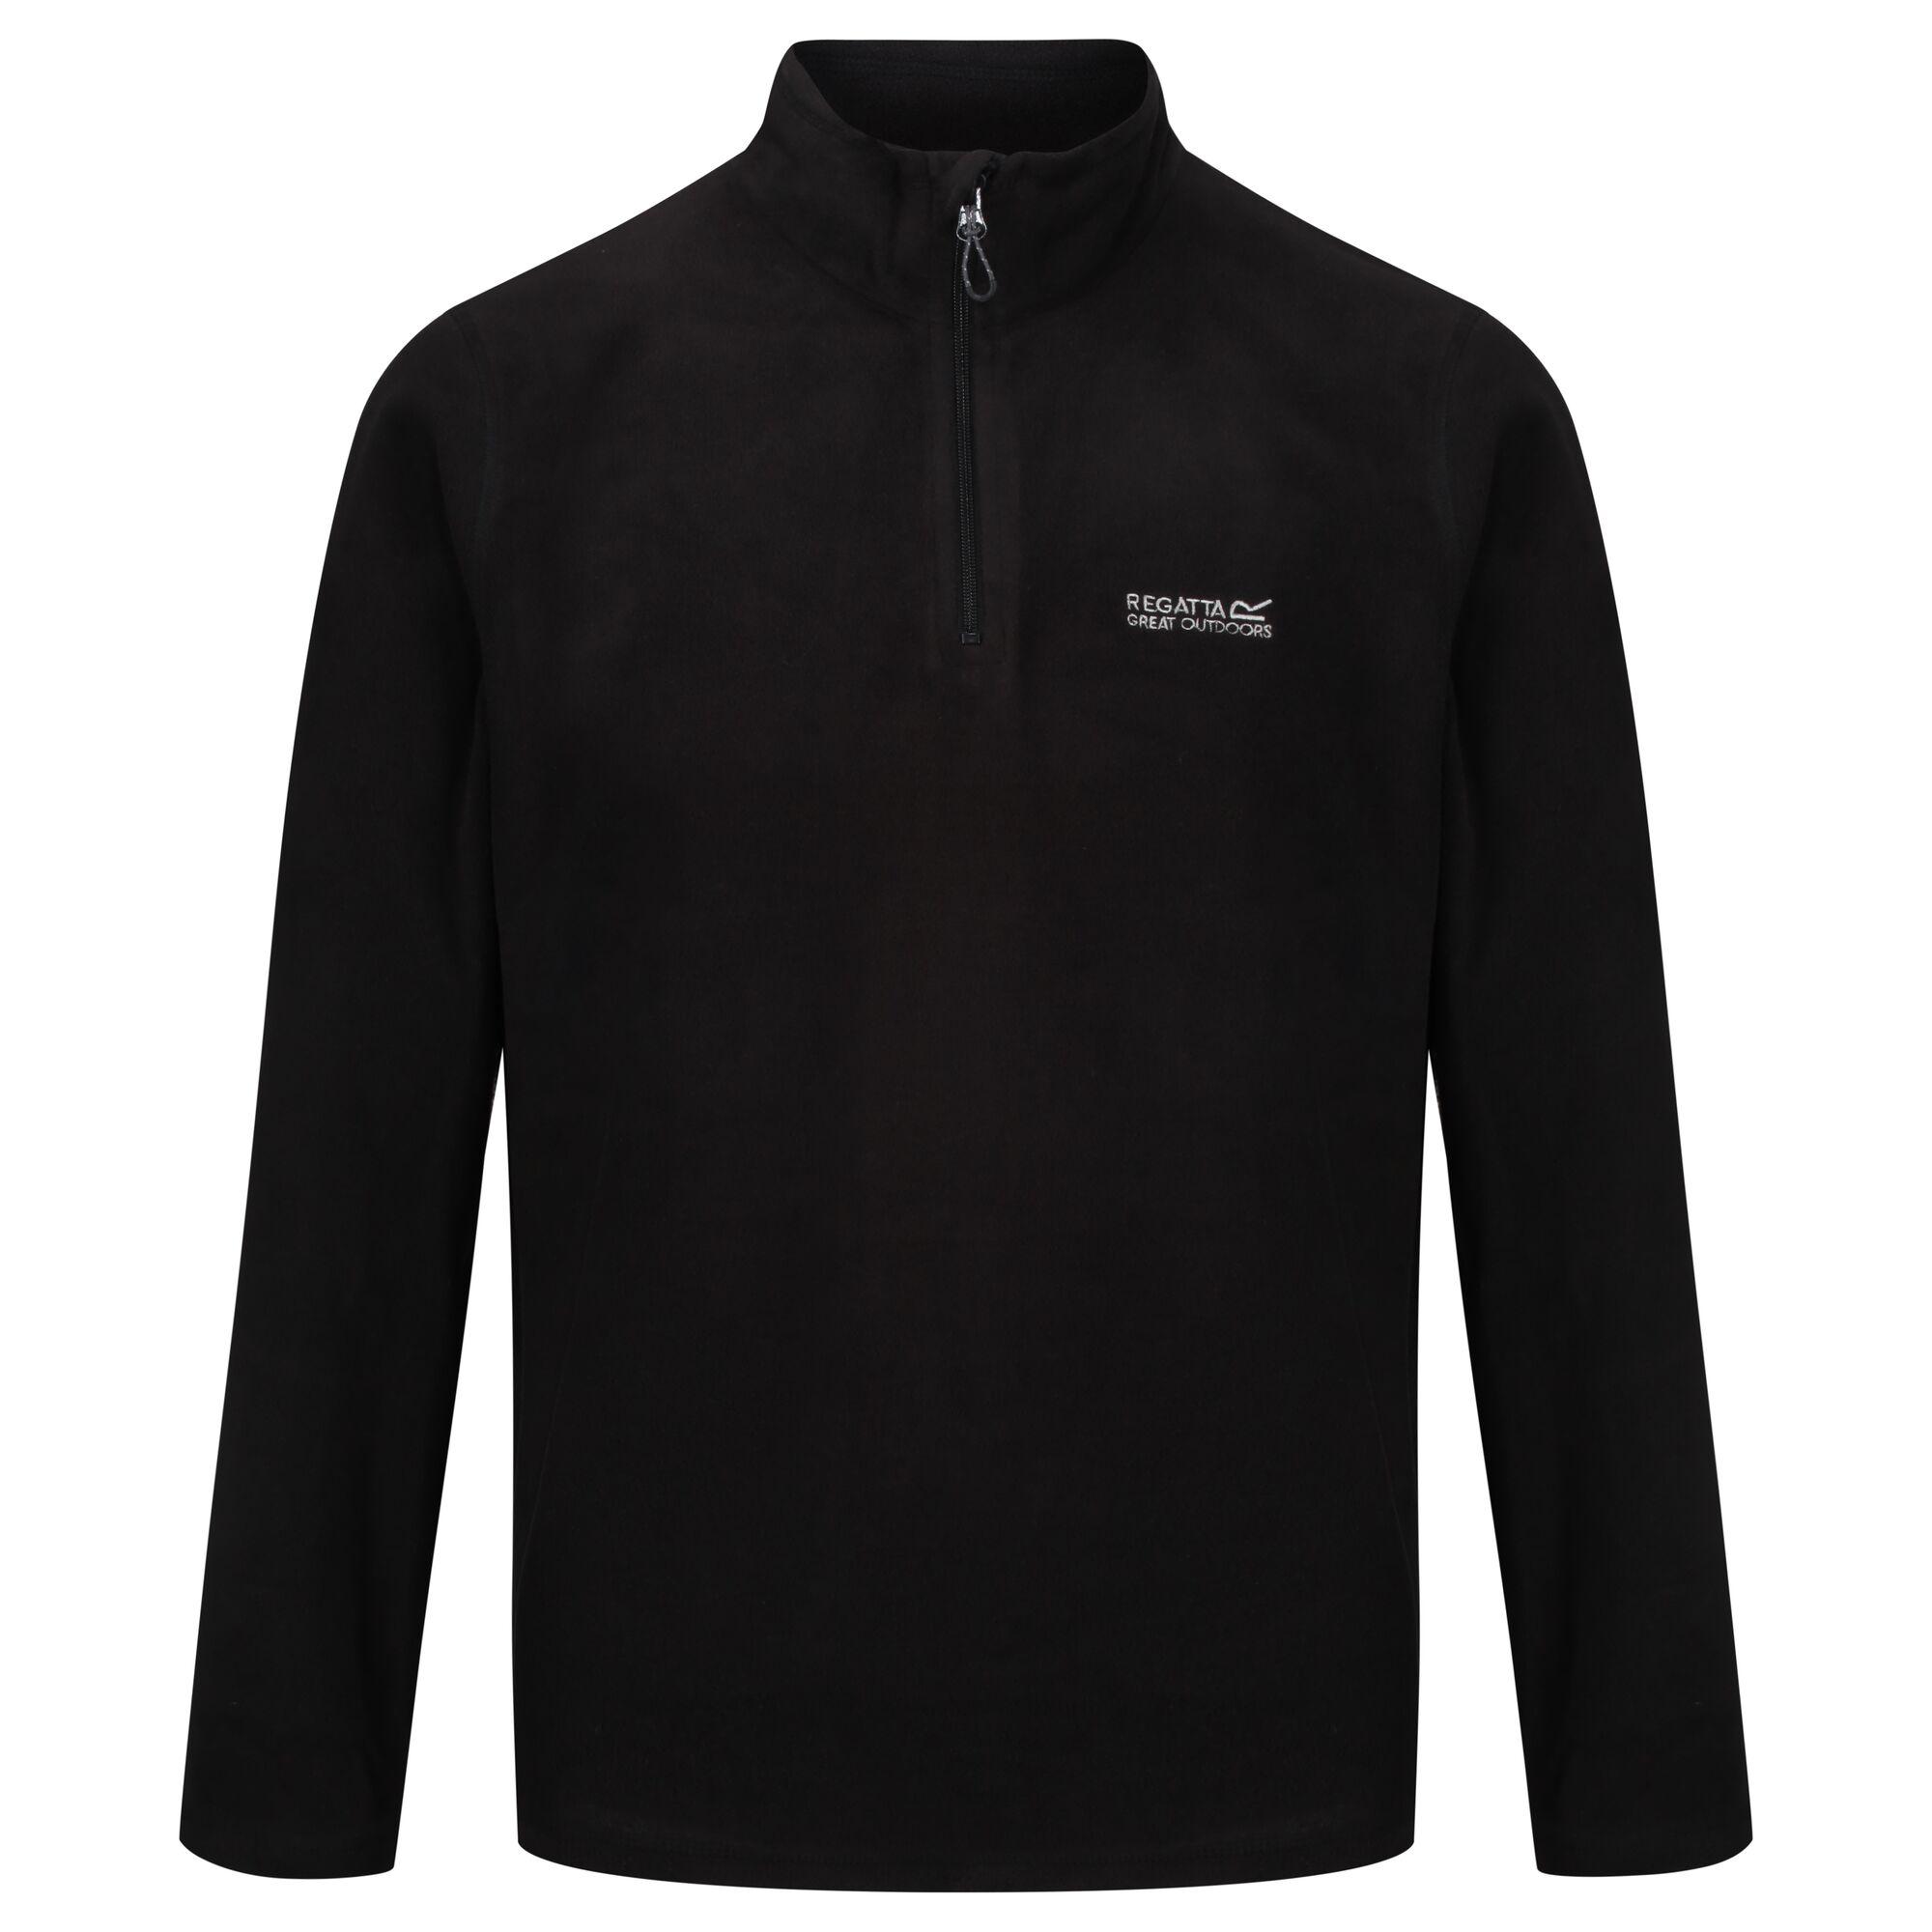 Men's black lightweight quarter-zip fleece.